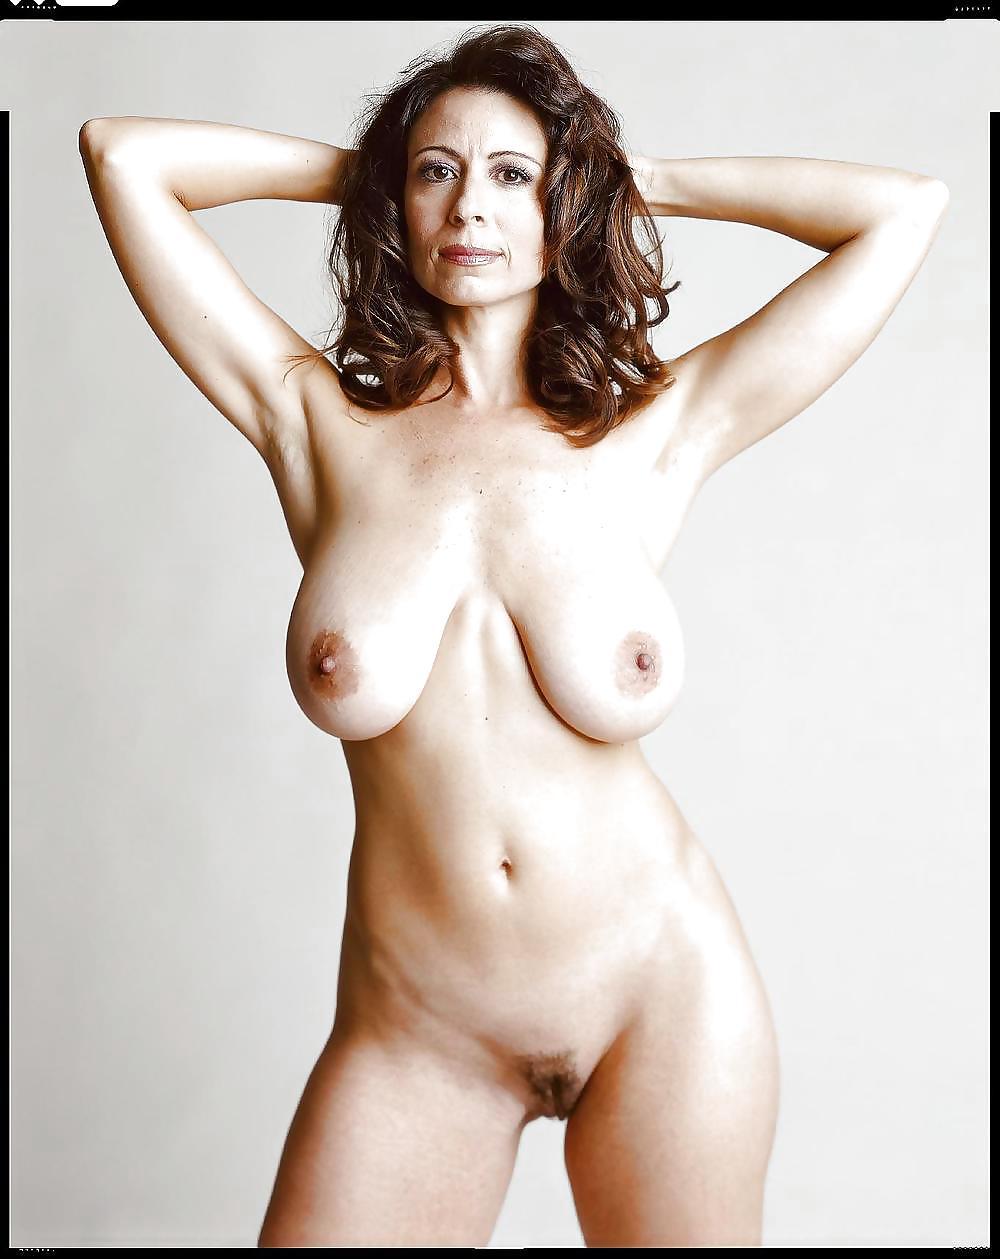 Фото порно актрисы в возрасте 18 фотография